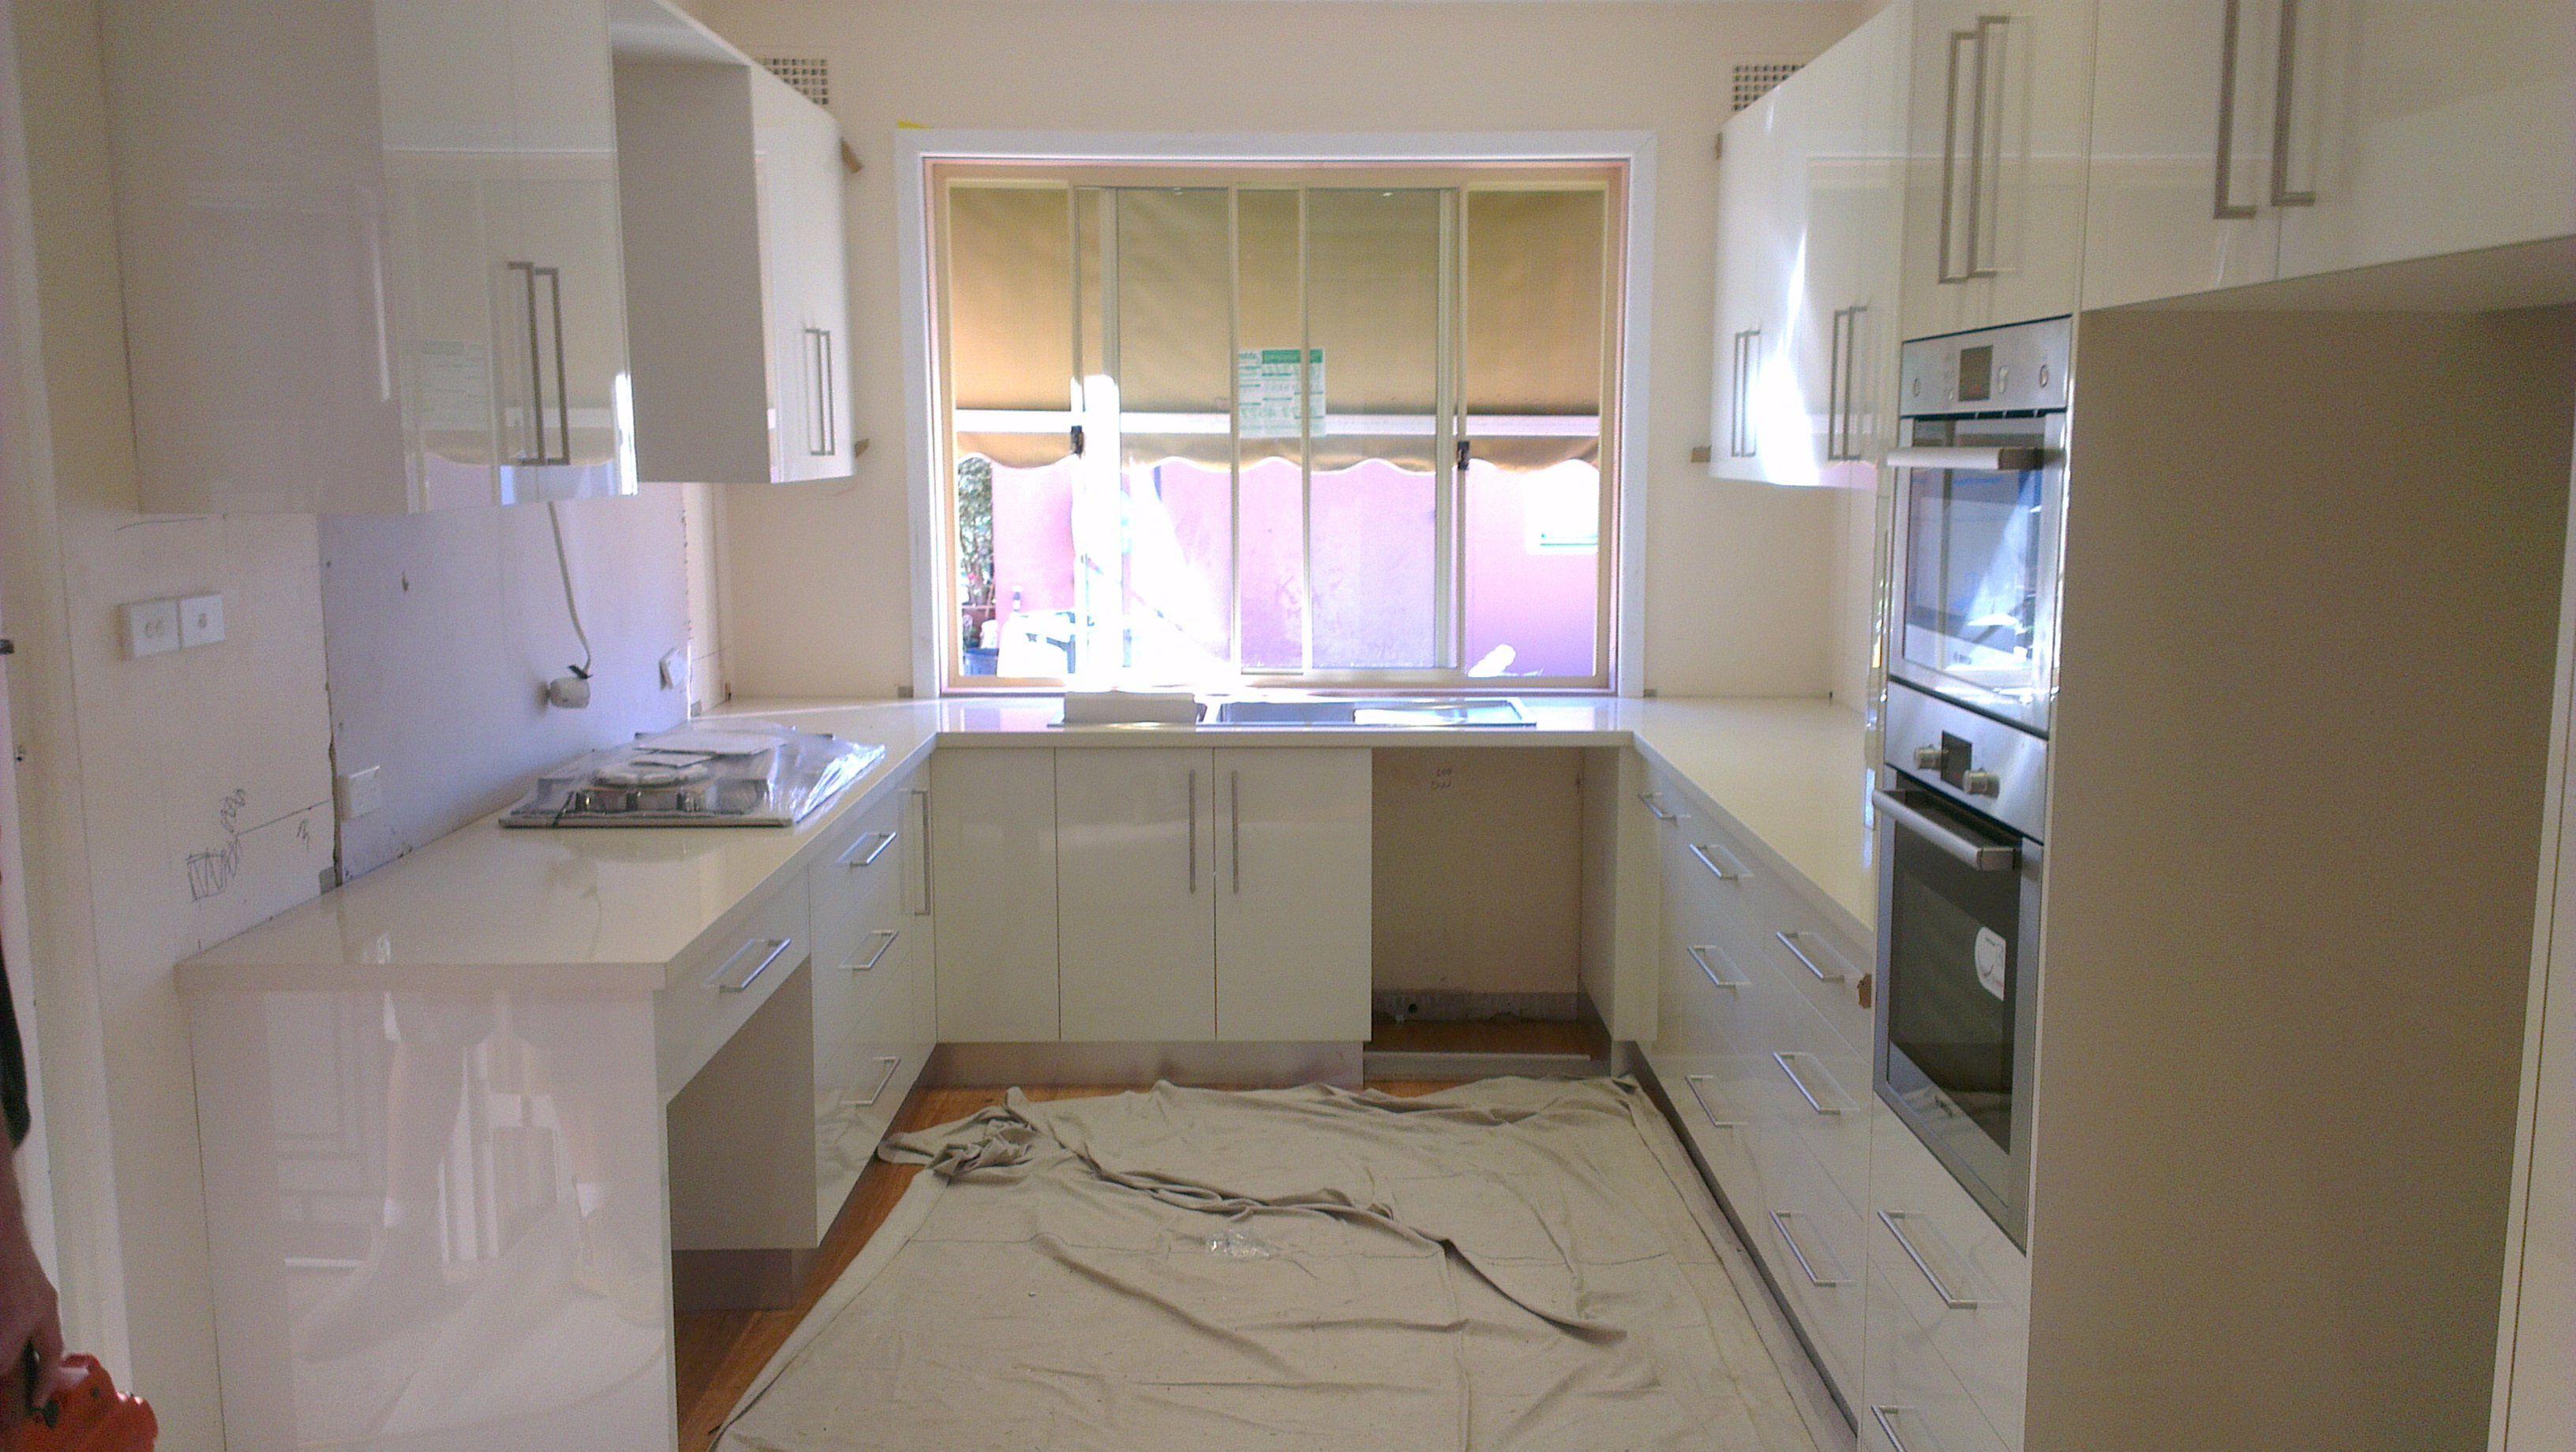 12 X 11 Kitchen Designs With Island 11 X 8 Kitchen Design L Shape Kitchen Layout Kitchen Design Pictures Kitchen Layout